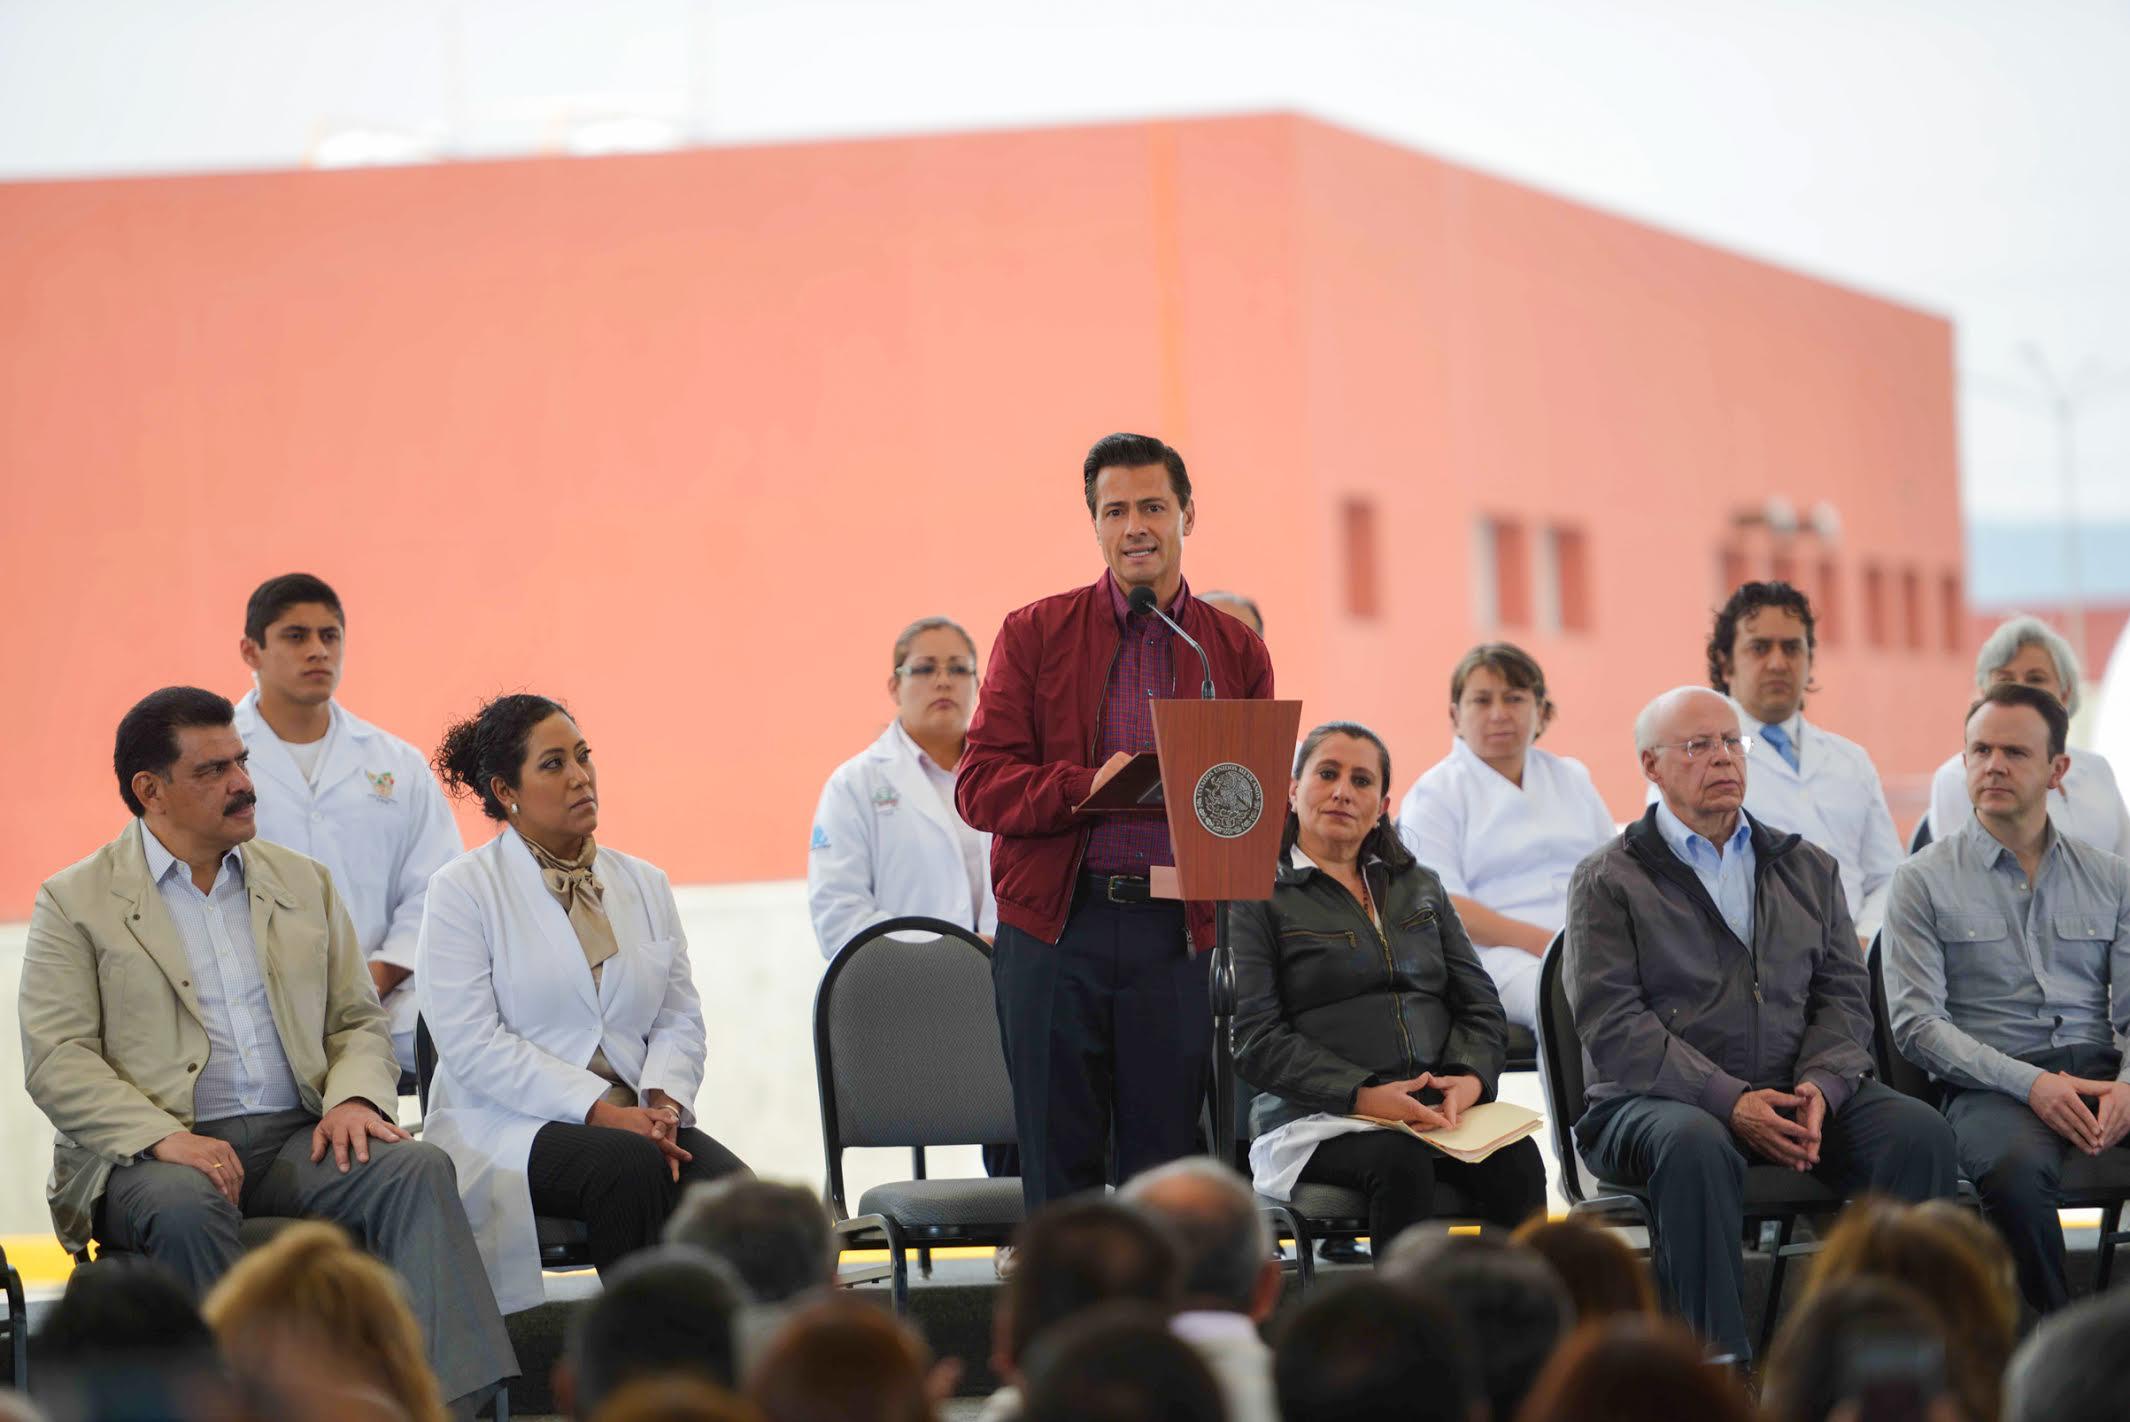 El Primer Mandatario durante su discurso al entregar las obras en el Hospital General de Tulancingo.